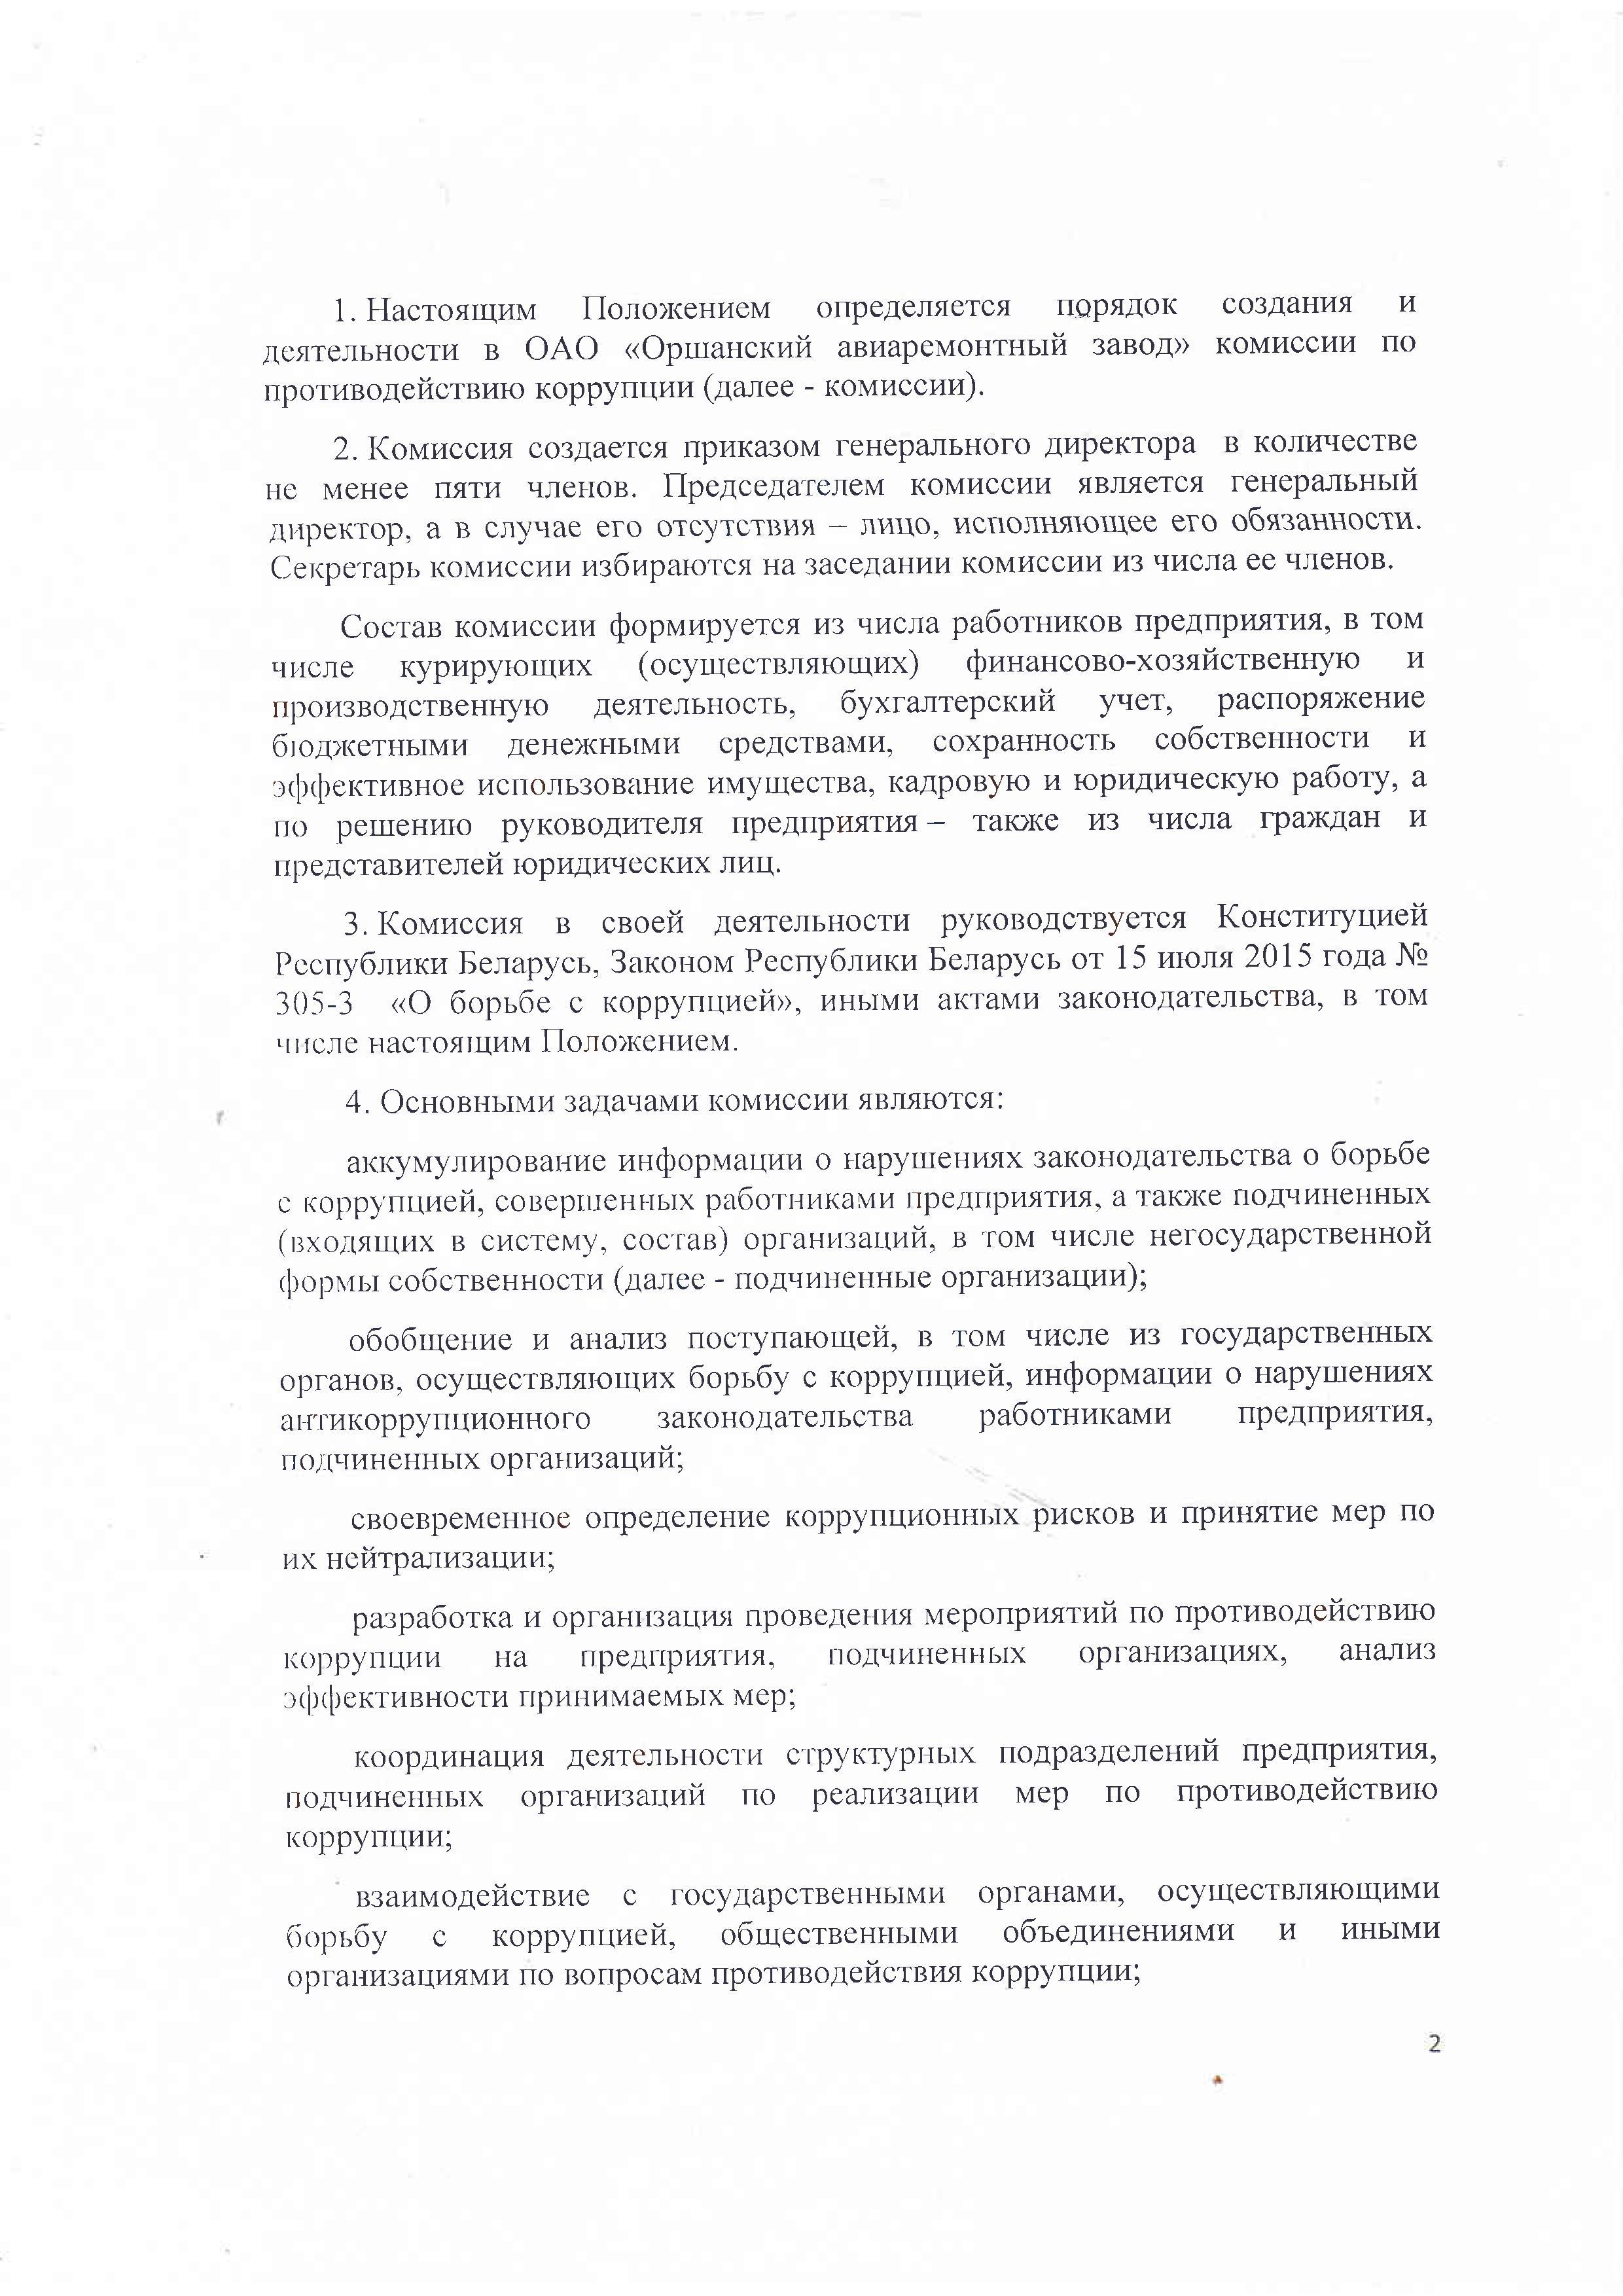 Положение о комиссии по противодействию коррупции. 2 стр.